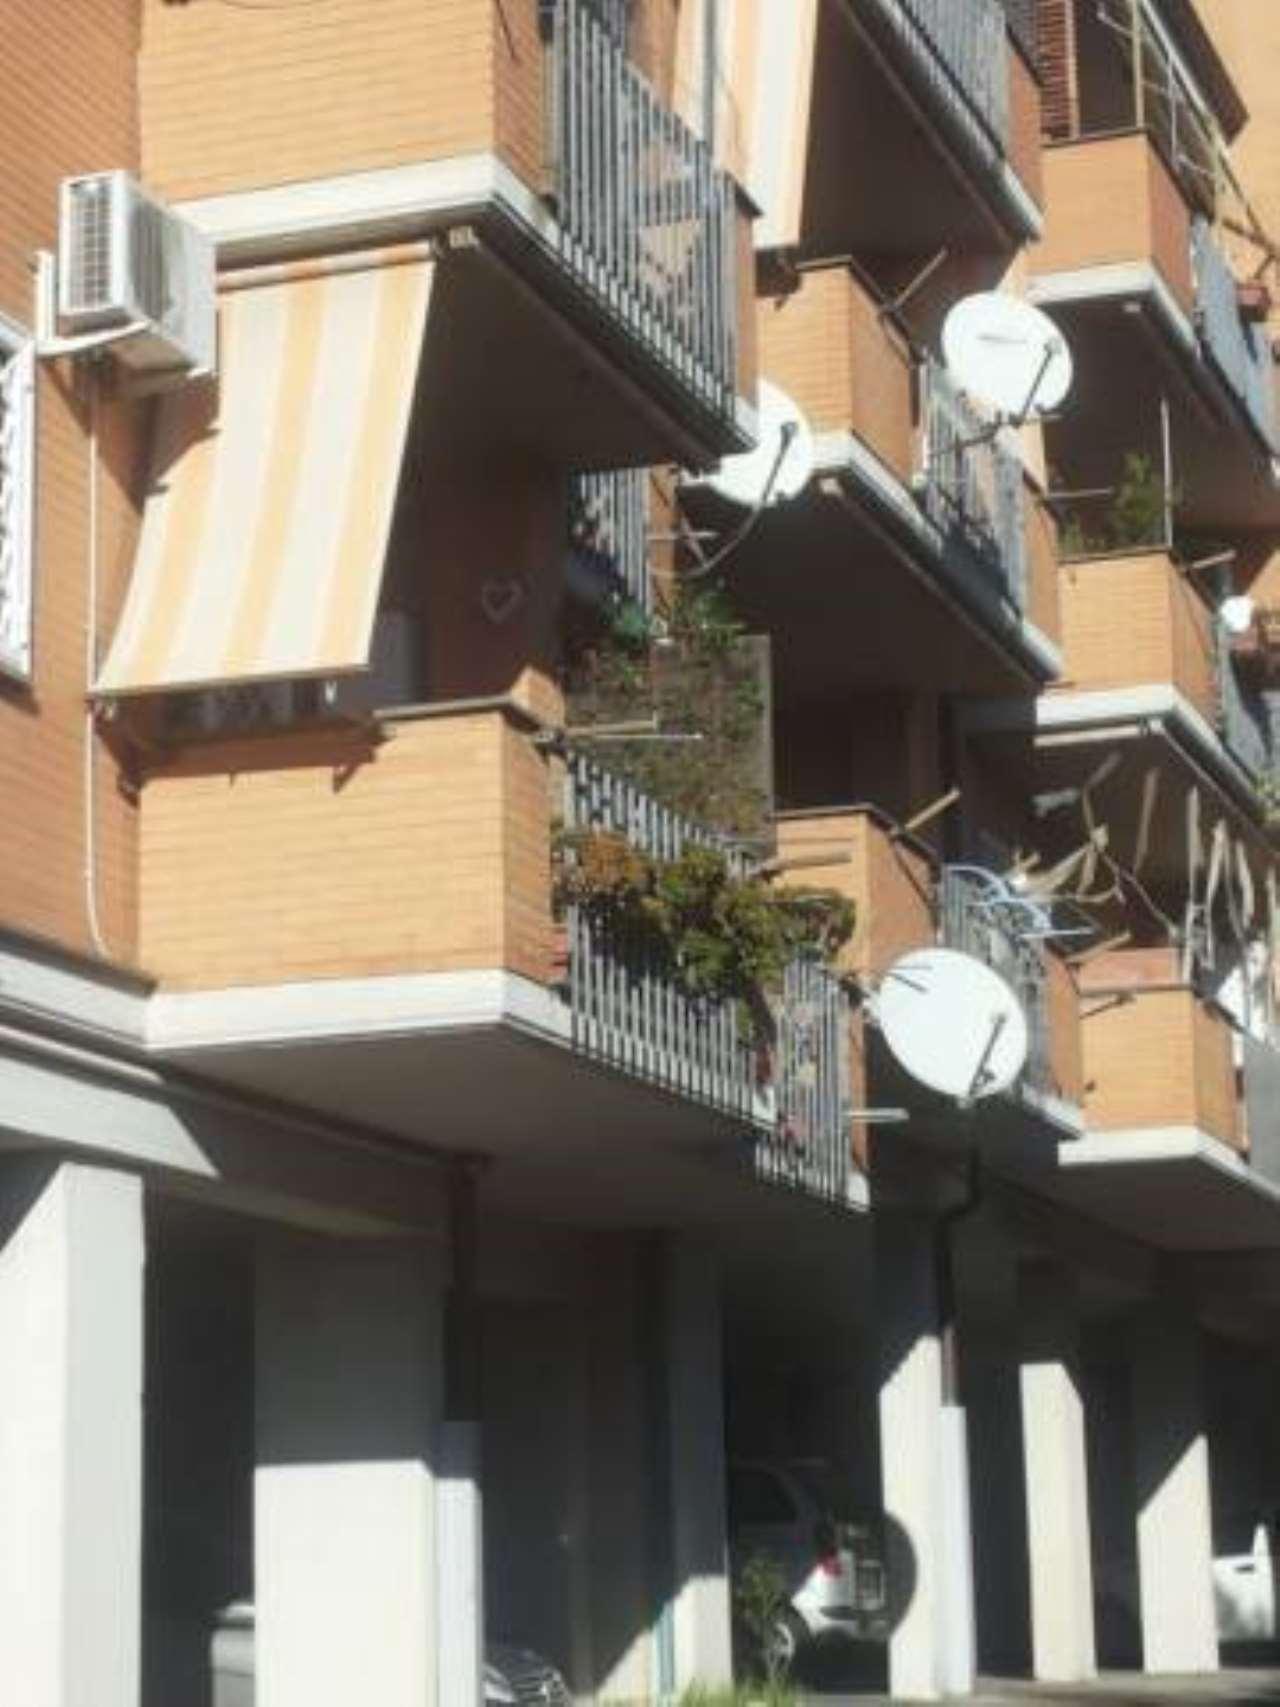 Appartamento in vendita a Castel Gandolfo, 2 locali, prezzo € 120.000 | Cambio Casa.it